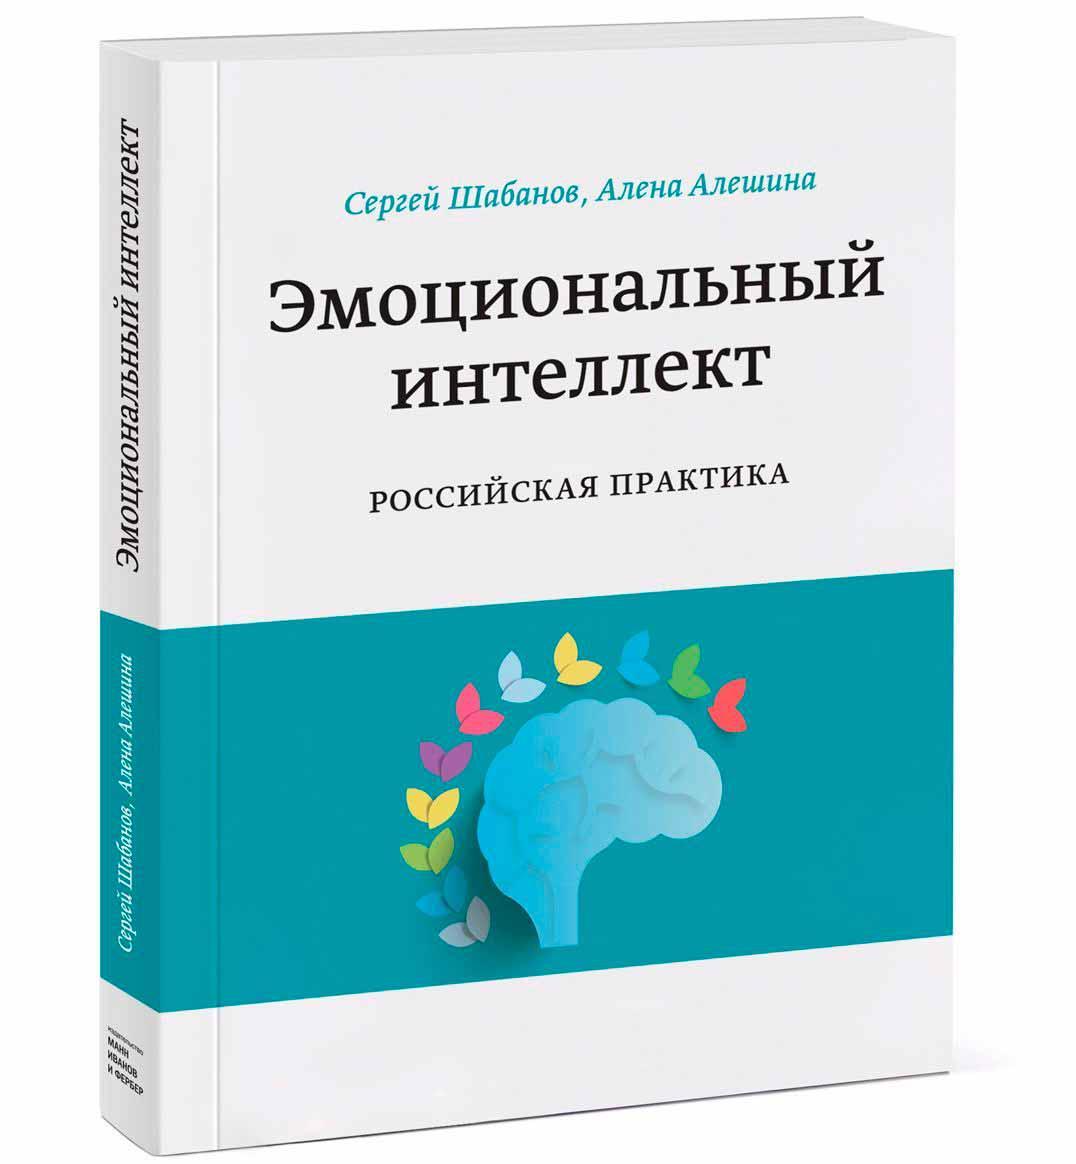 Эмоциональный интеллект. Российская практика